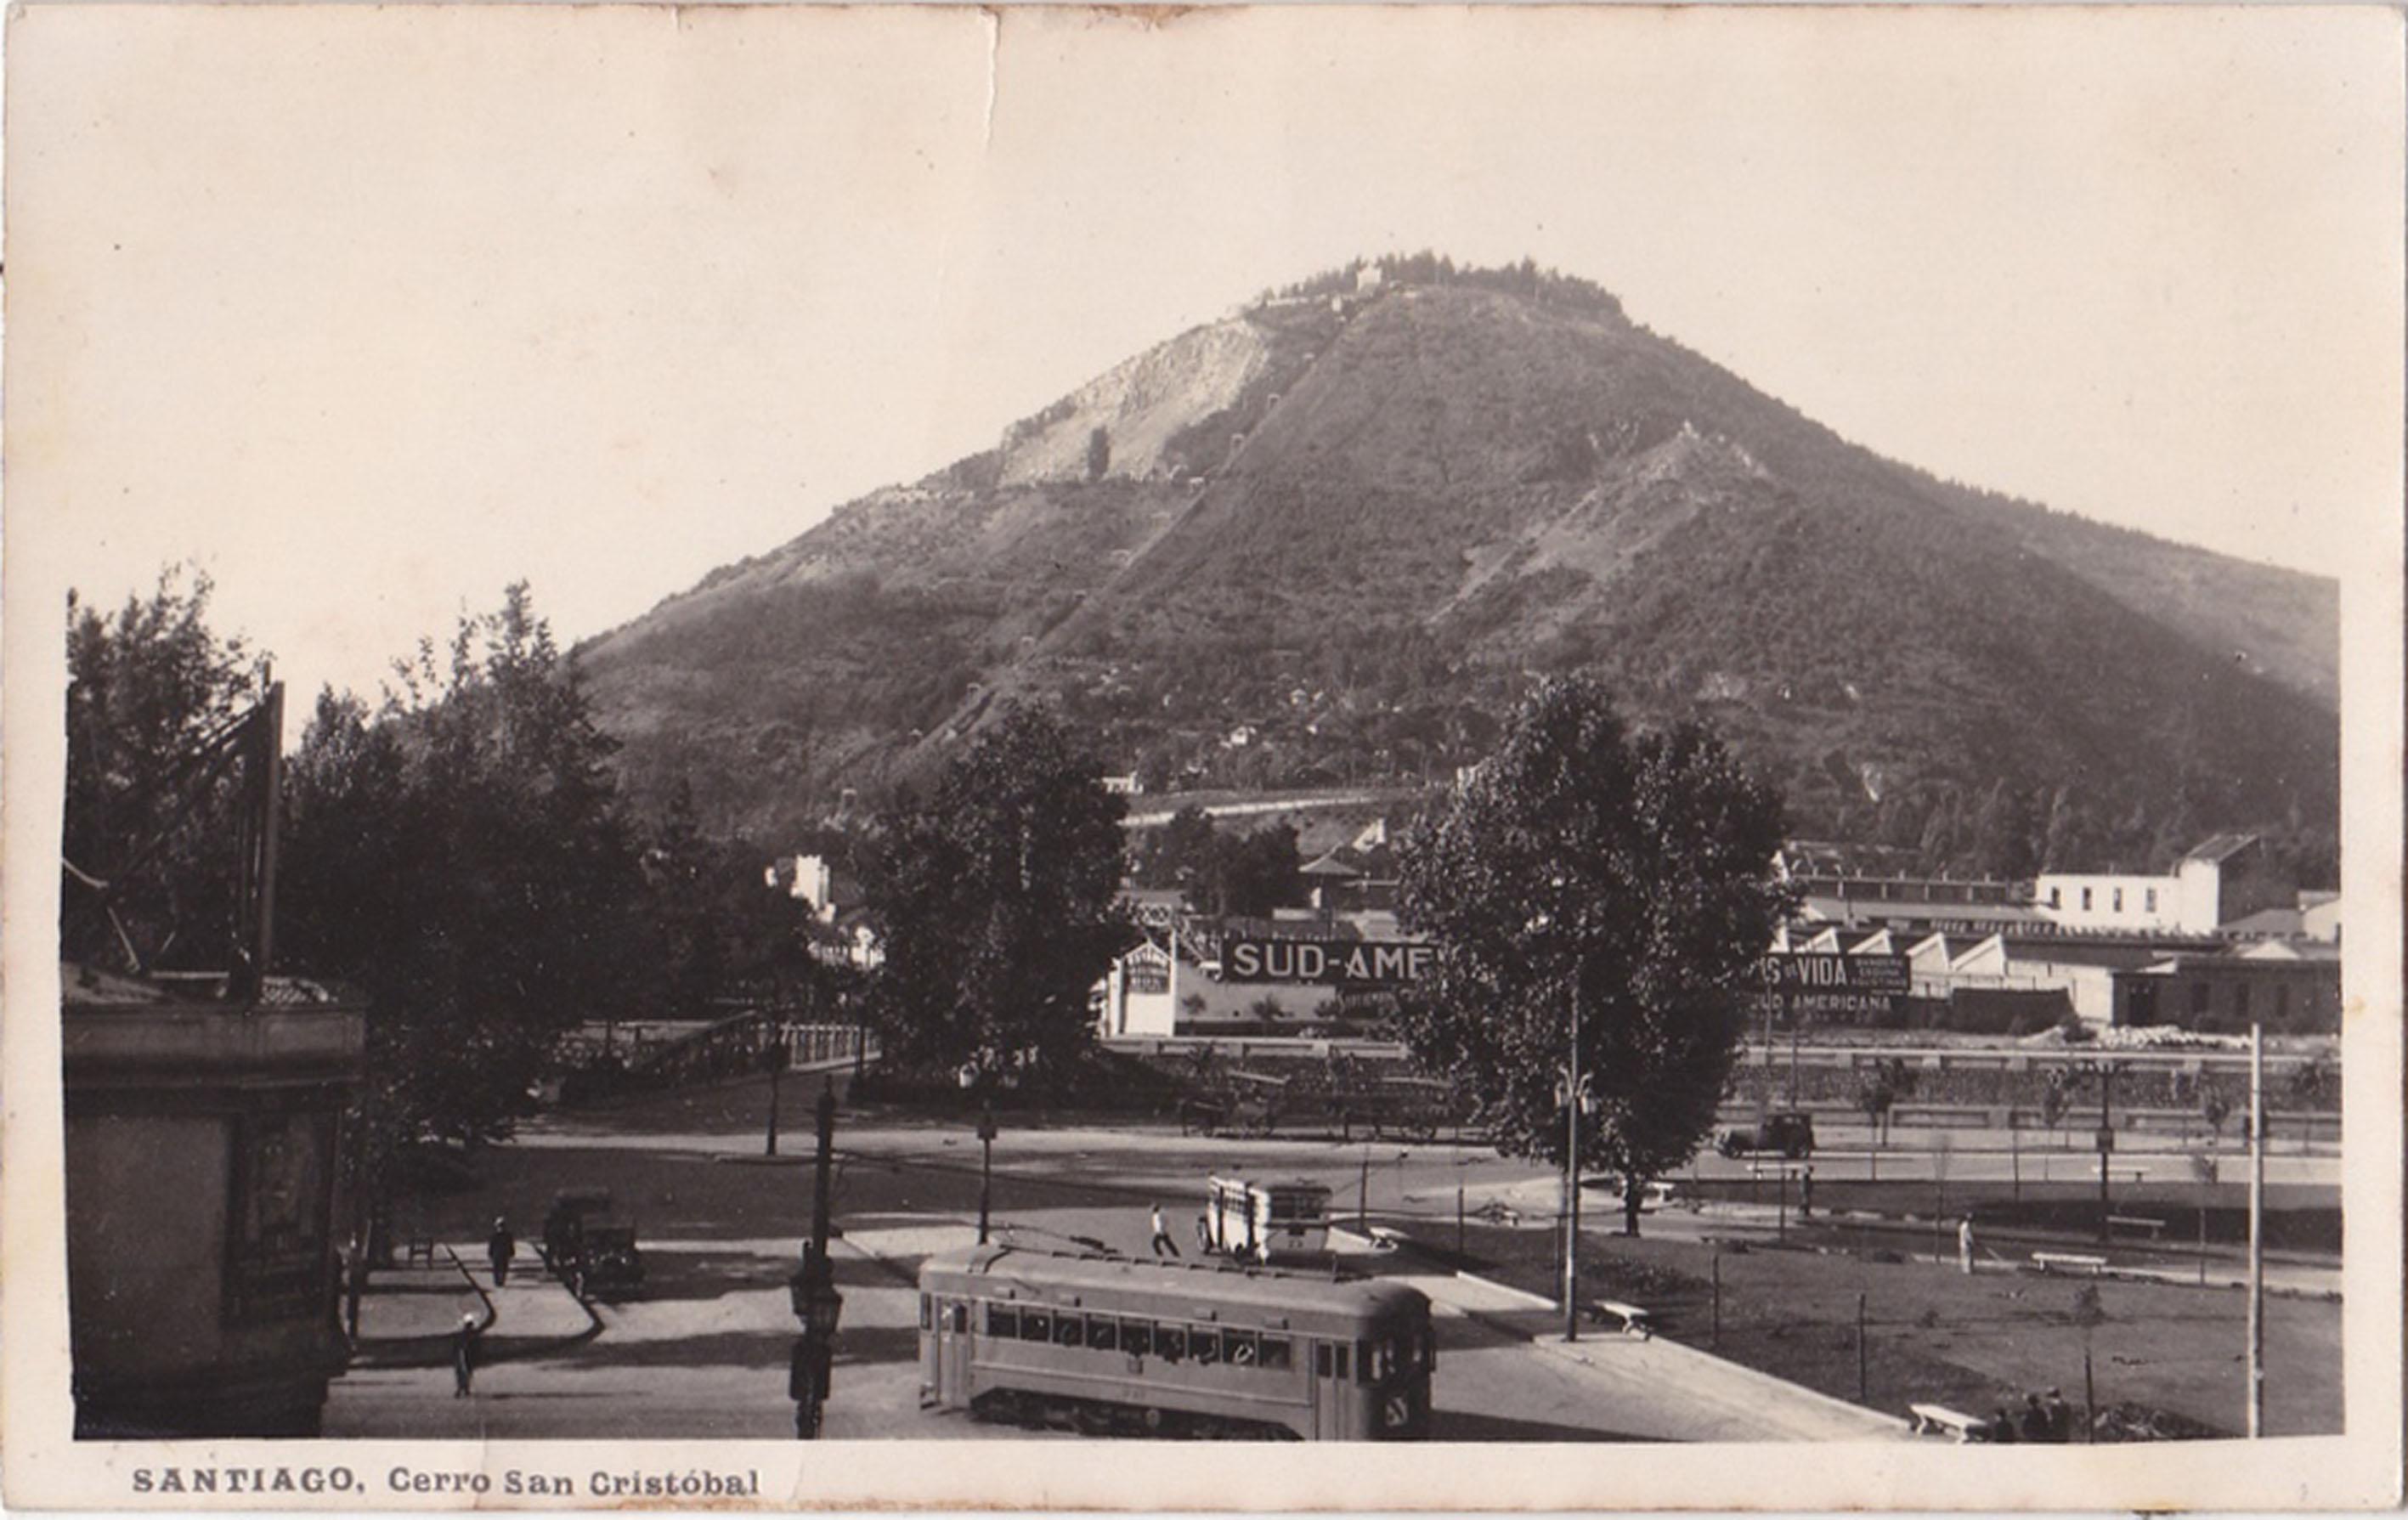 Enterreno - Fotos históricas de chile - fotos antiguas de Chile - Plaza Italia de Santiago y Cerro San Cristóbal, 1925